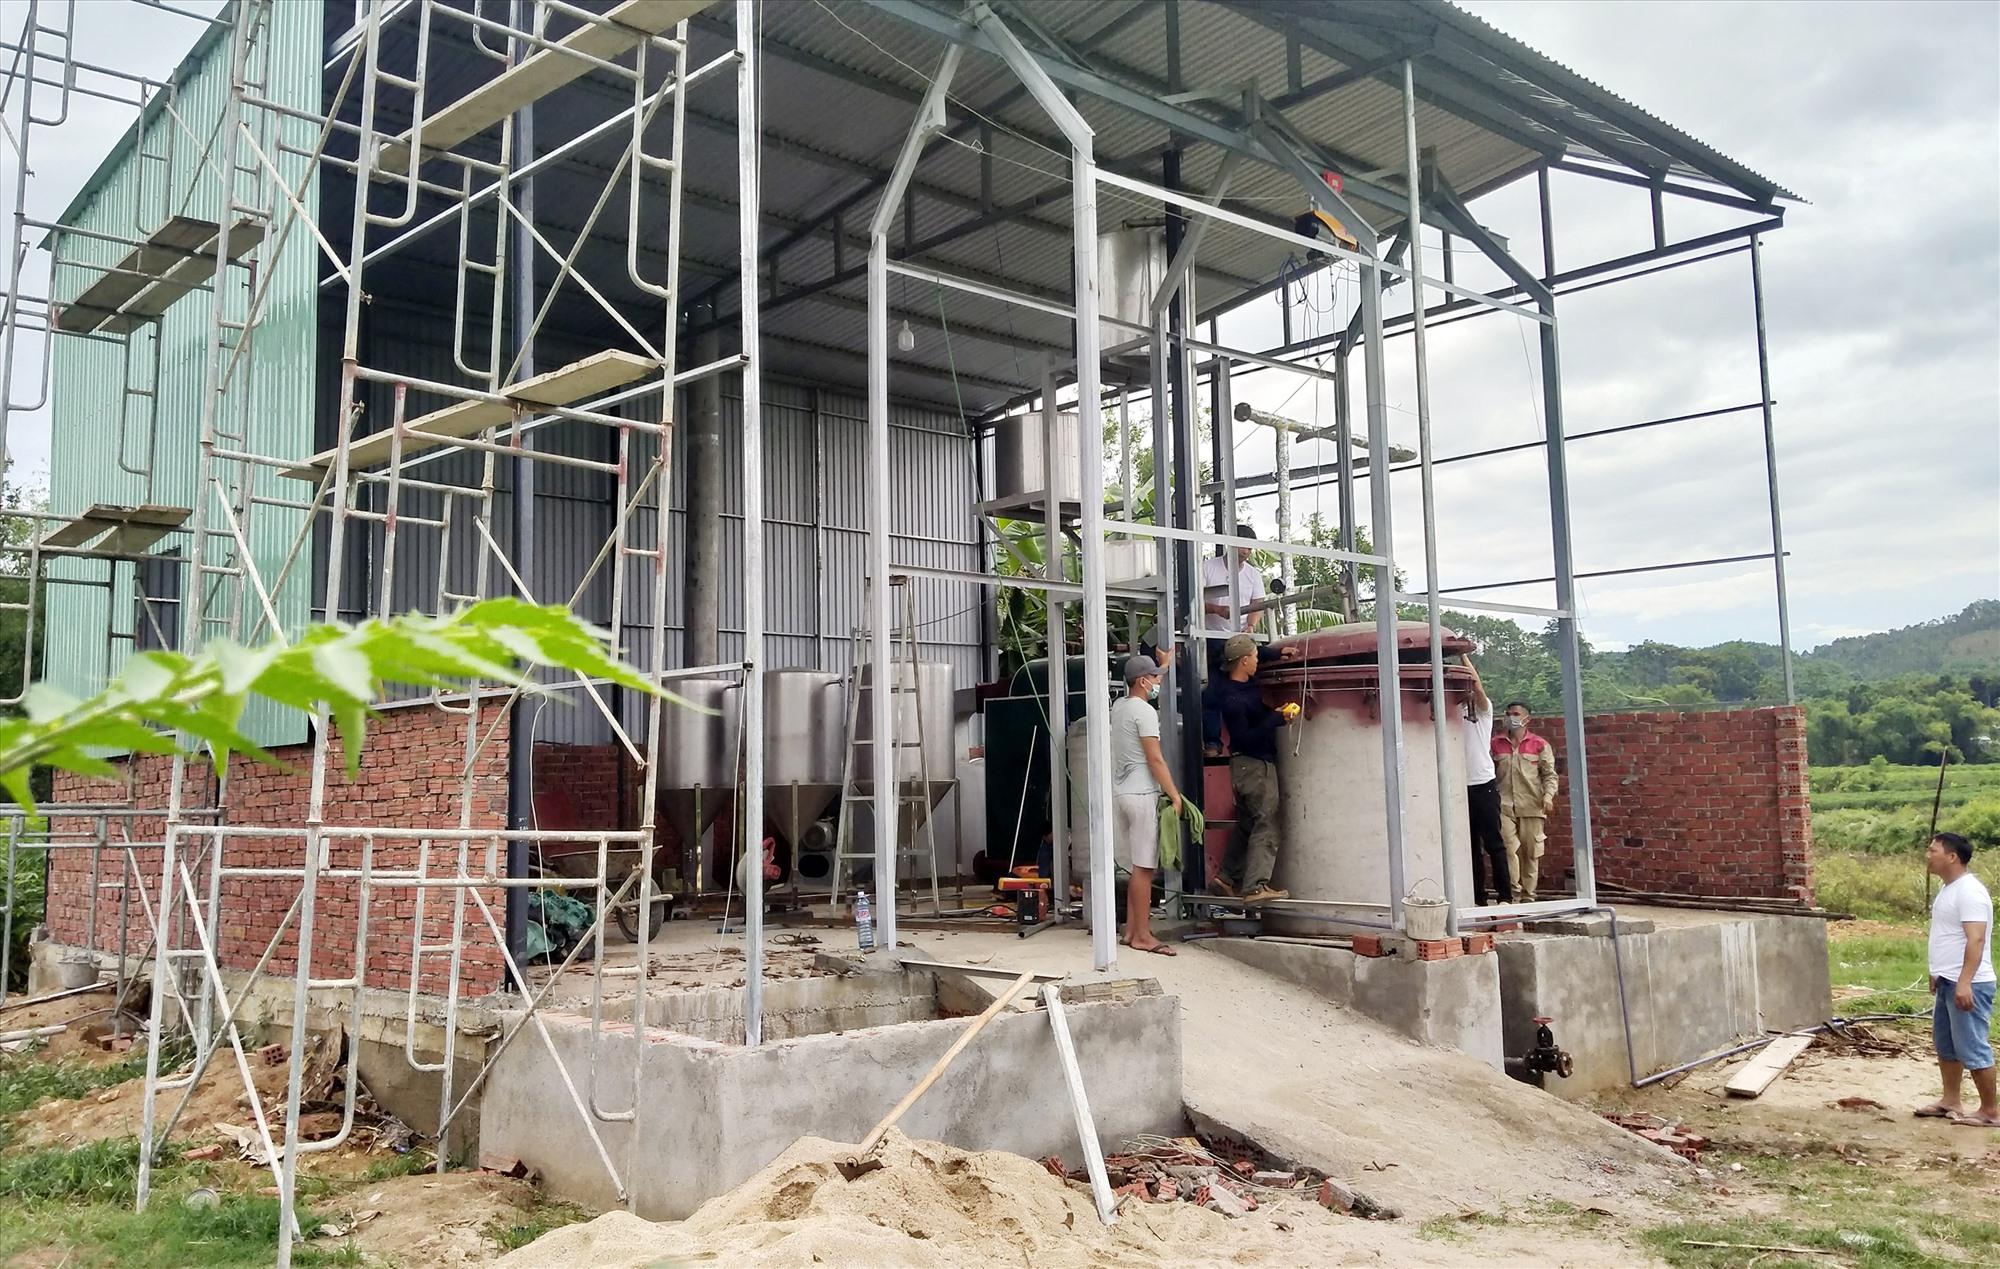 Hợp tác xã Quế Trà My - Minh Phúc đang đầu tư xây dựng hệ thống chiết xuất tinh dầu quế chuyển từ thủ công sang lò hơi. Ảnh: N.Đ